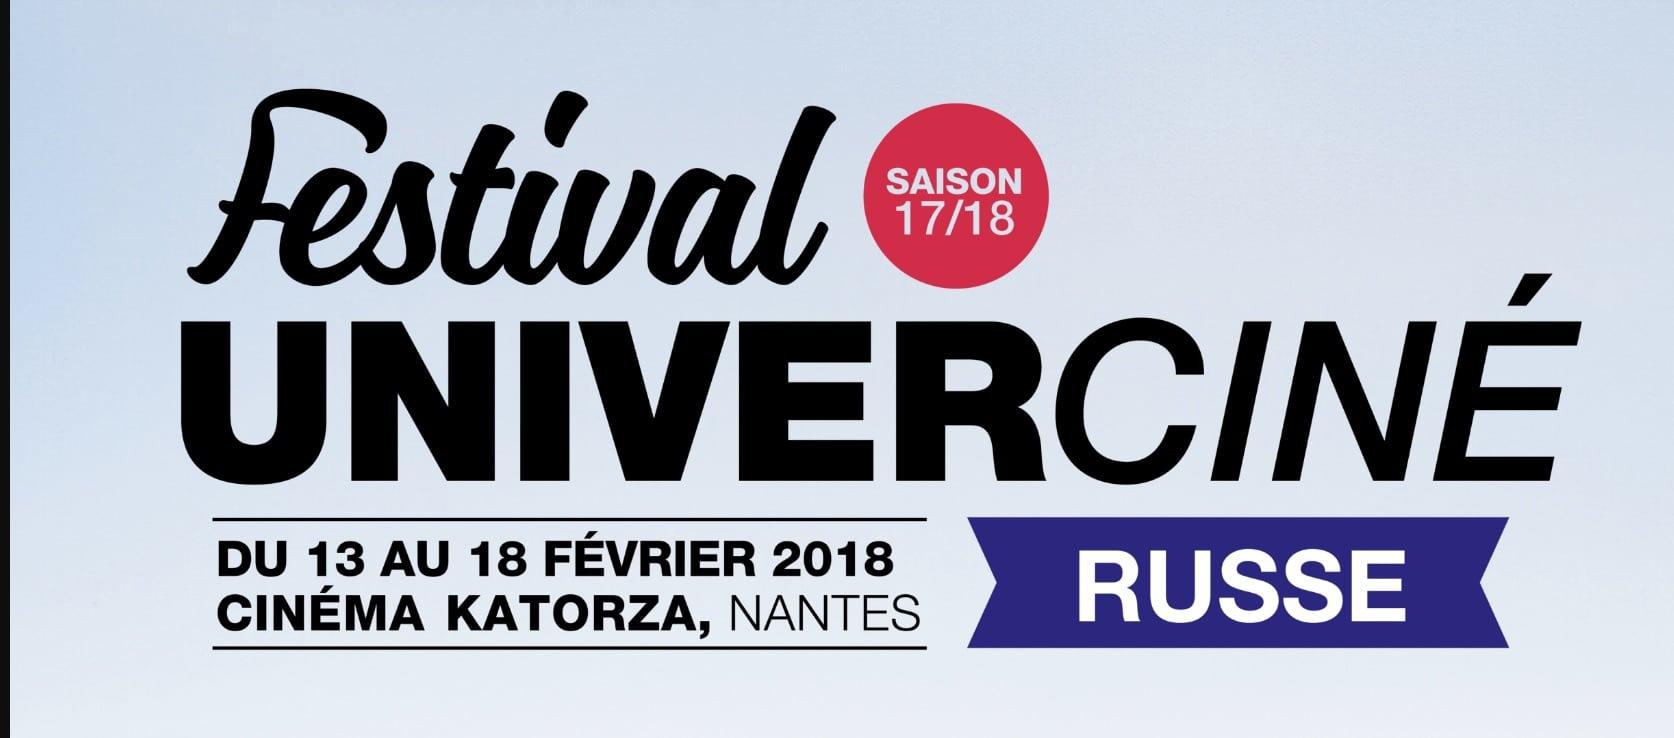 festival univercine russe nantes